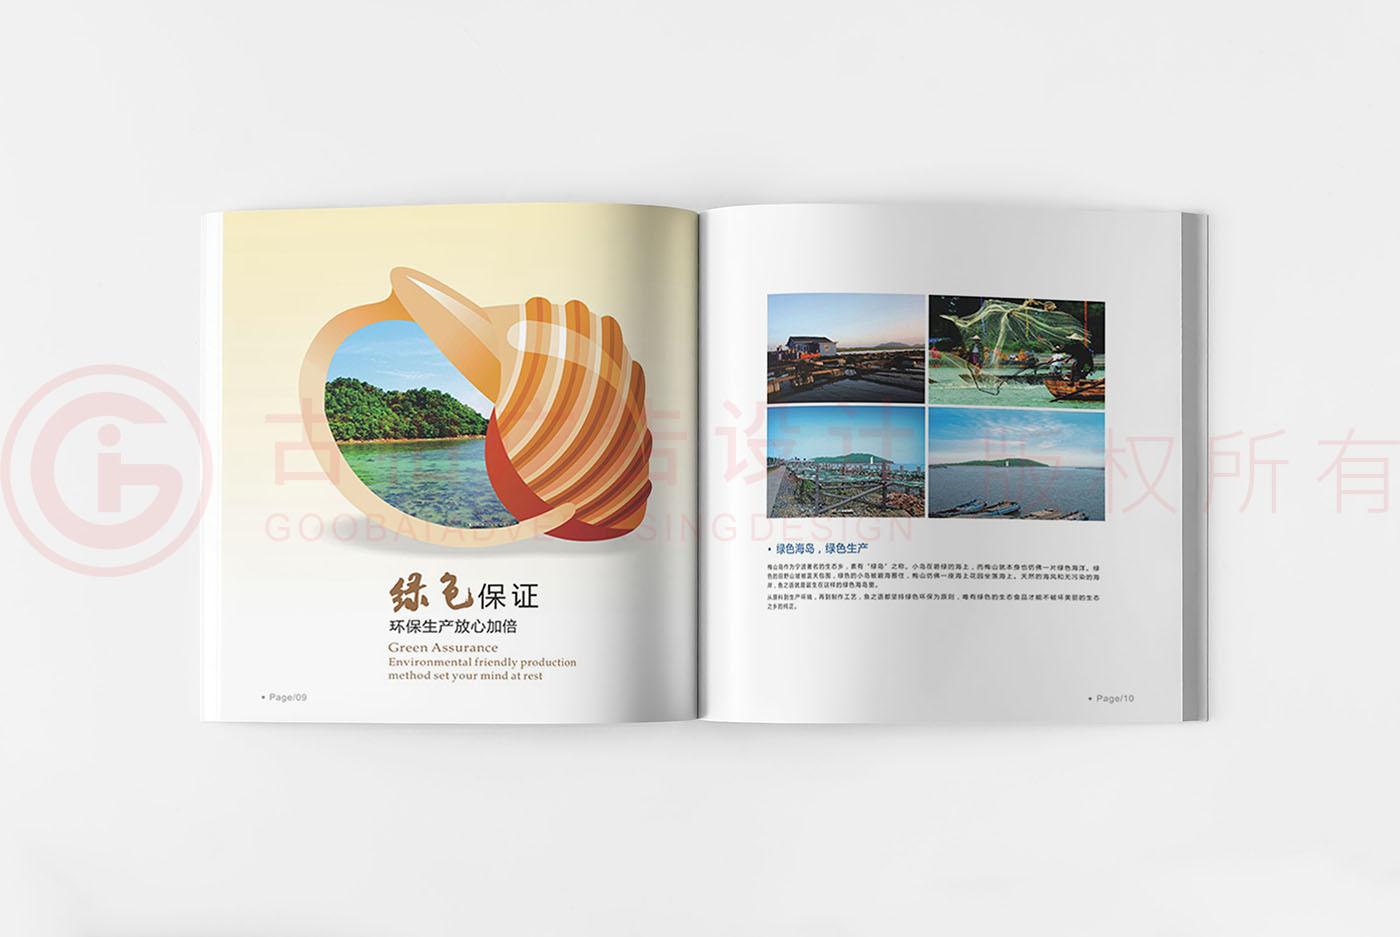 水产海鲜画册设计,水产画册设计公司,食品画册设计公司